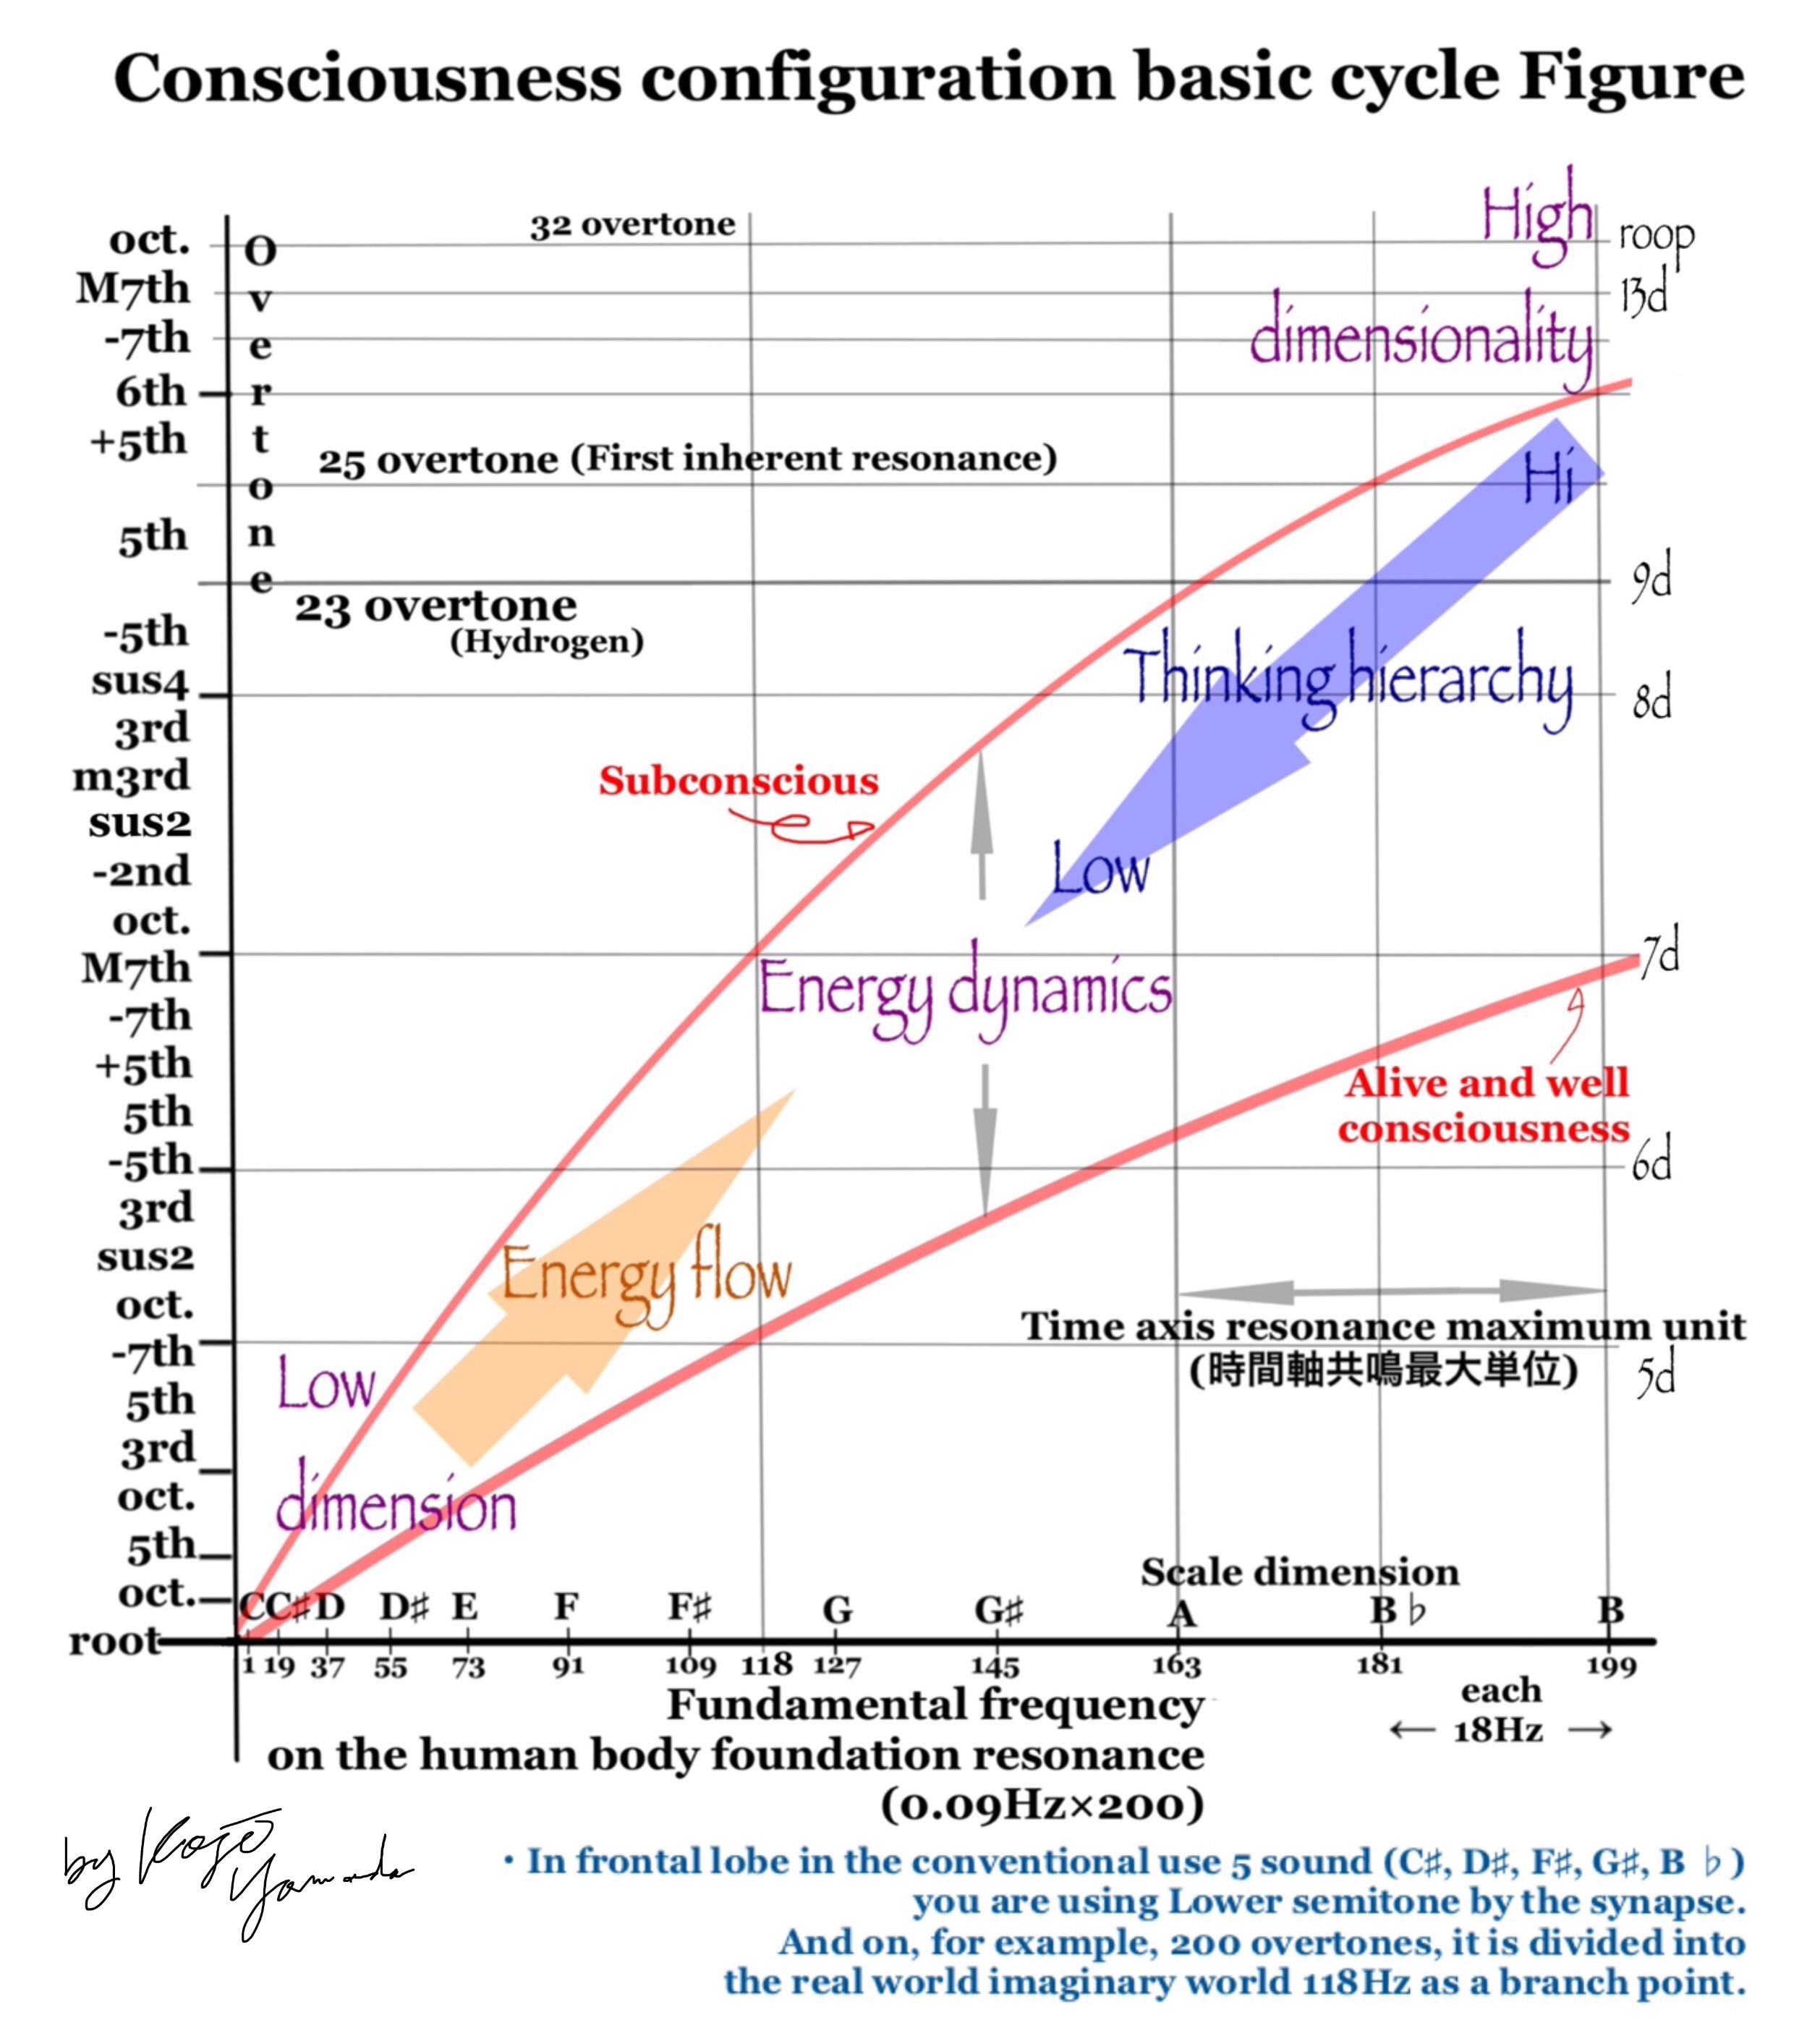 図_意識構成基礎周期図